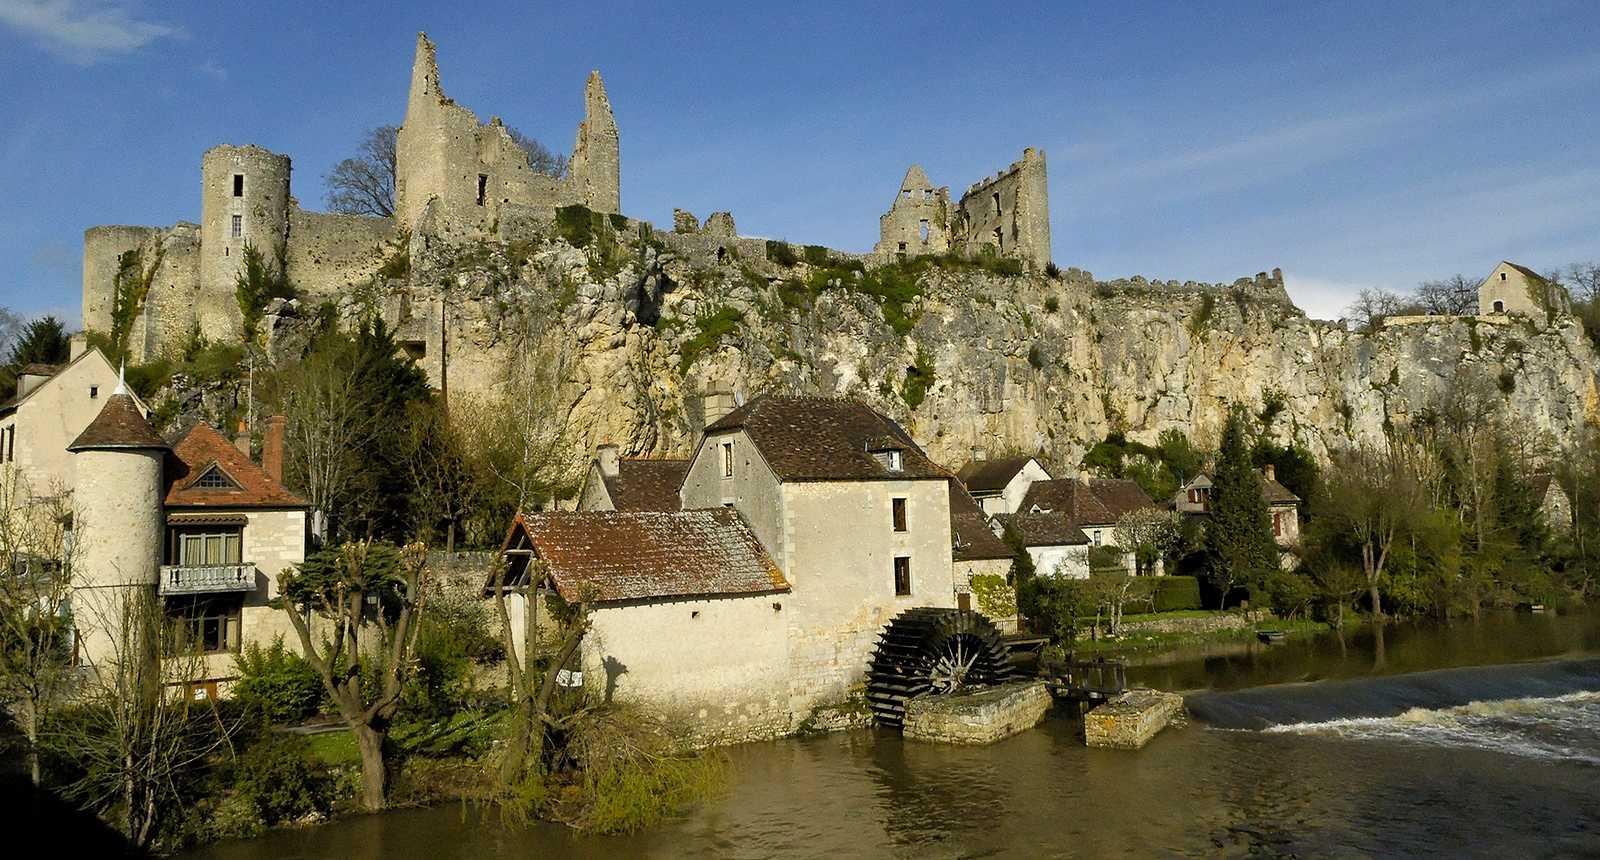 La r gion poitou charentes guide de tourisme photos - Office de tourisme angles sur l anglin ...